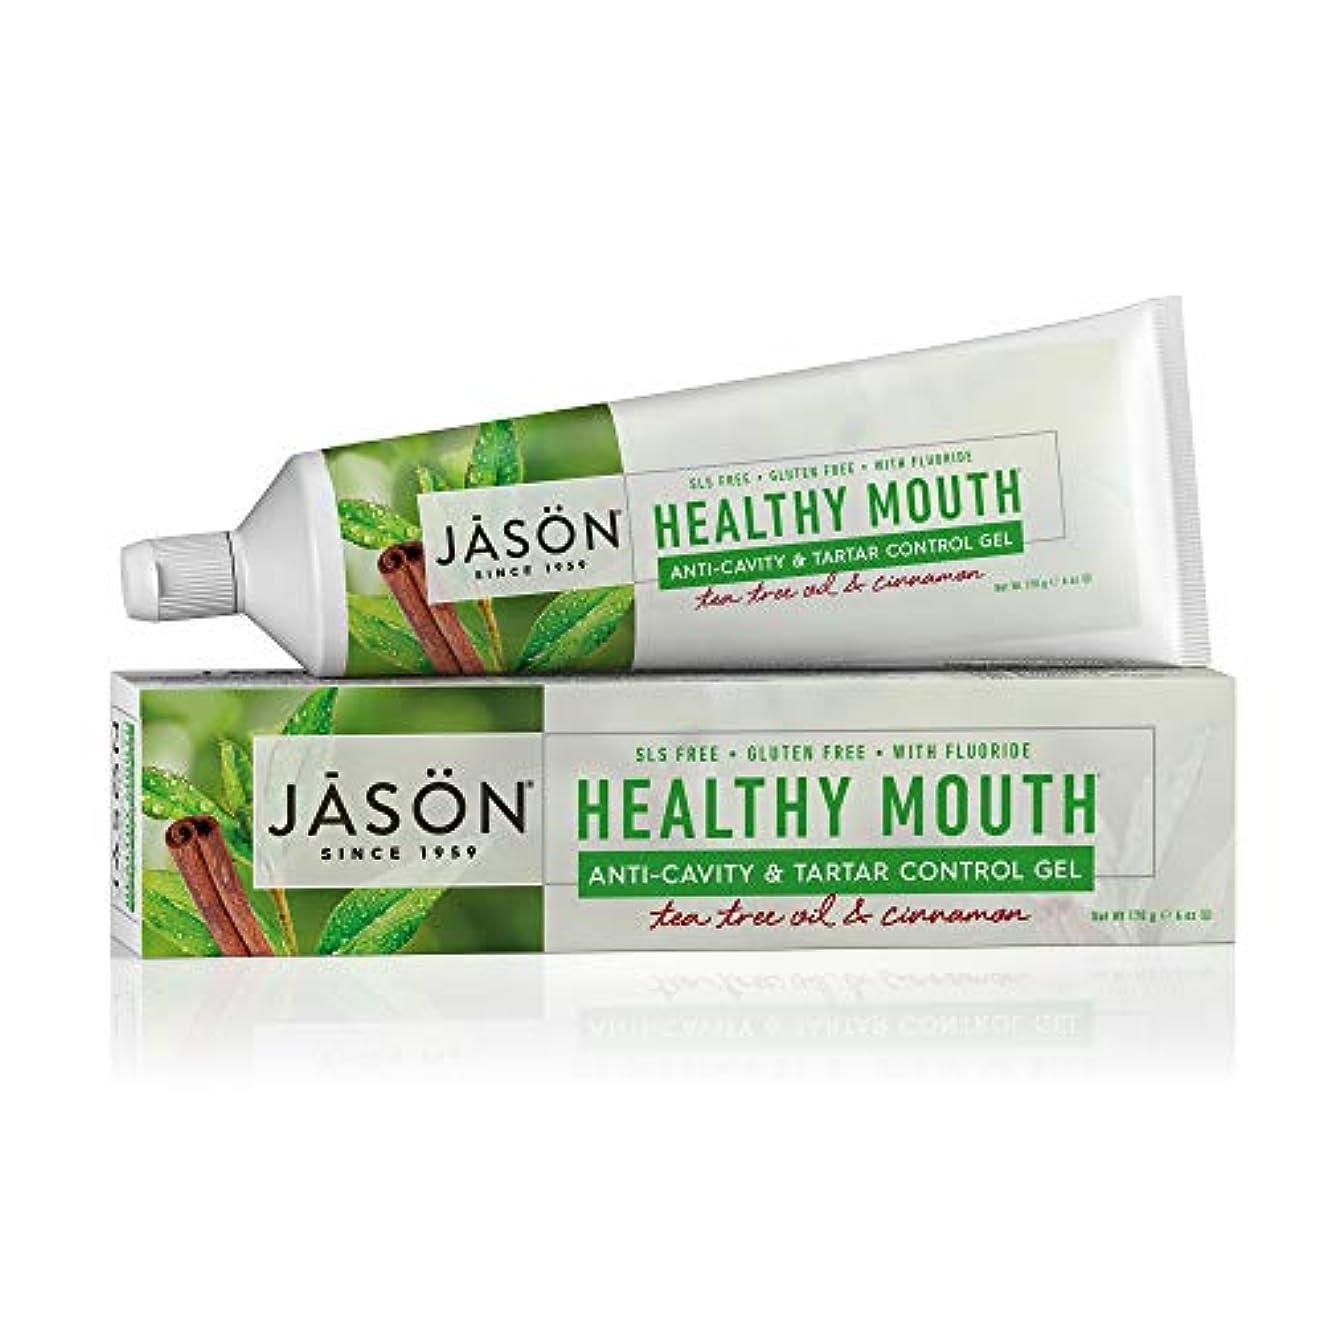 空中町クリアJason 健康な口抗歯垢&タルタルコントロールハミガキティーツリーオイル&シナモン、6オンス